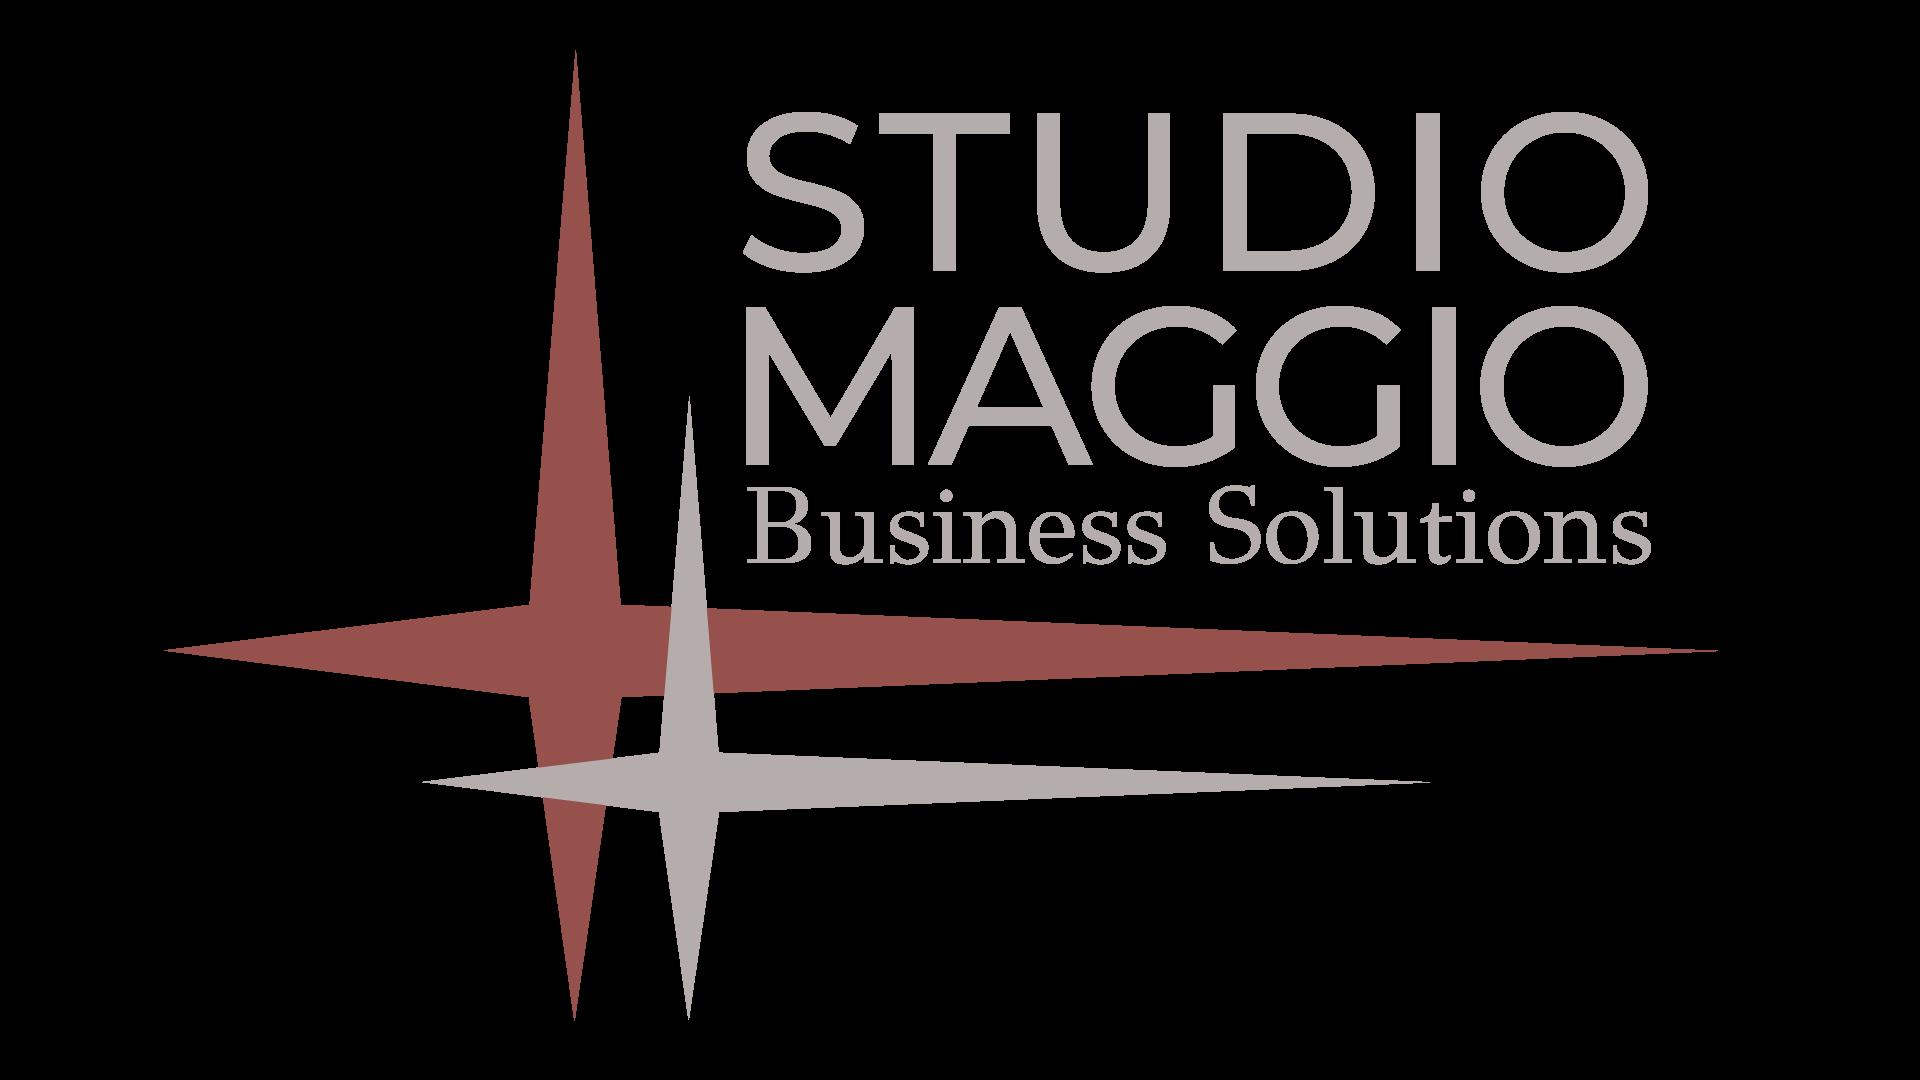 Studio Maggio